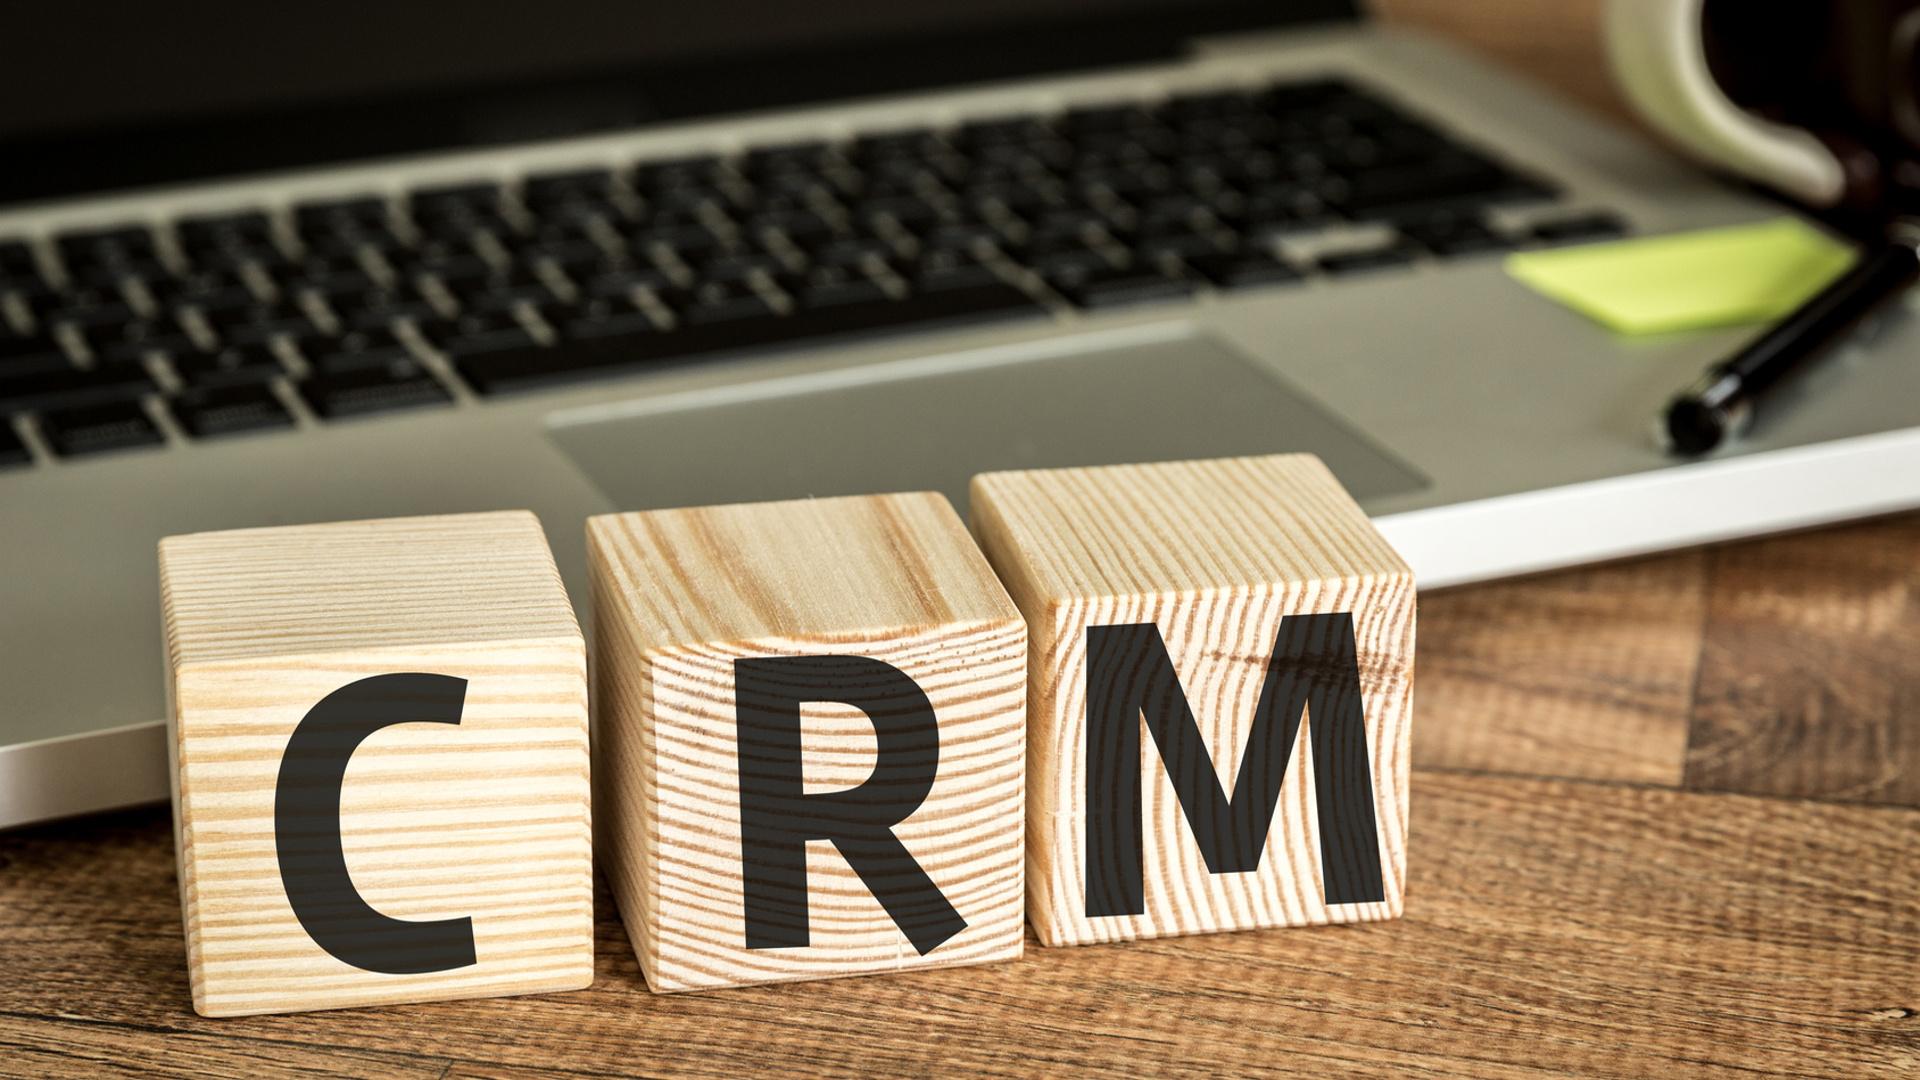 crm-software-fundamental-para-marketing-y-ventas-1920